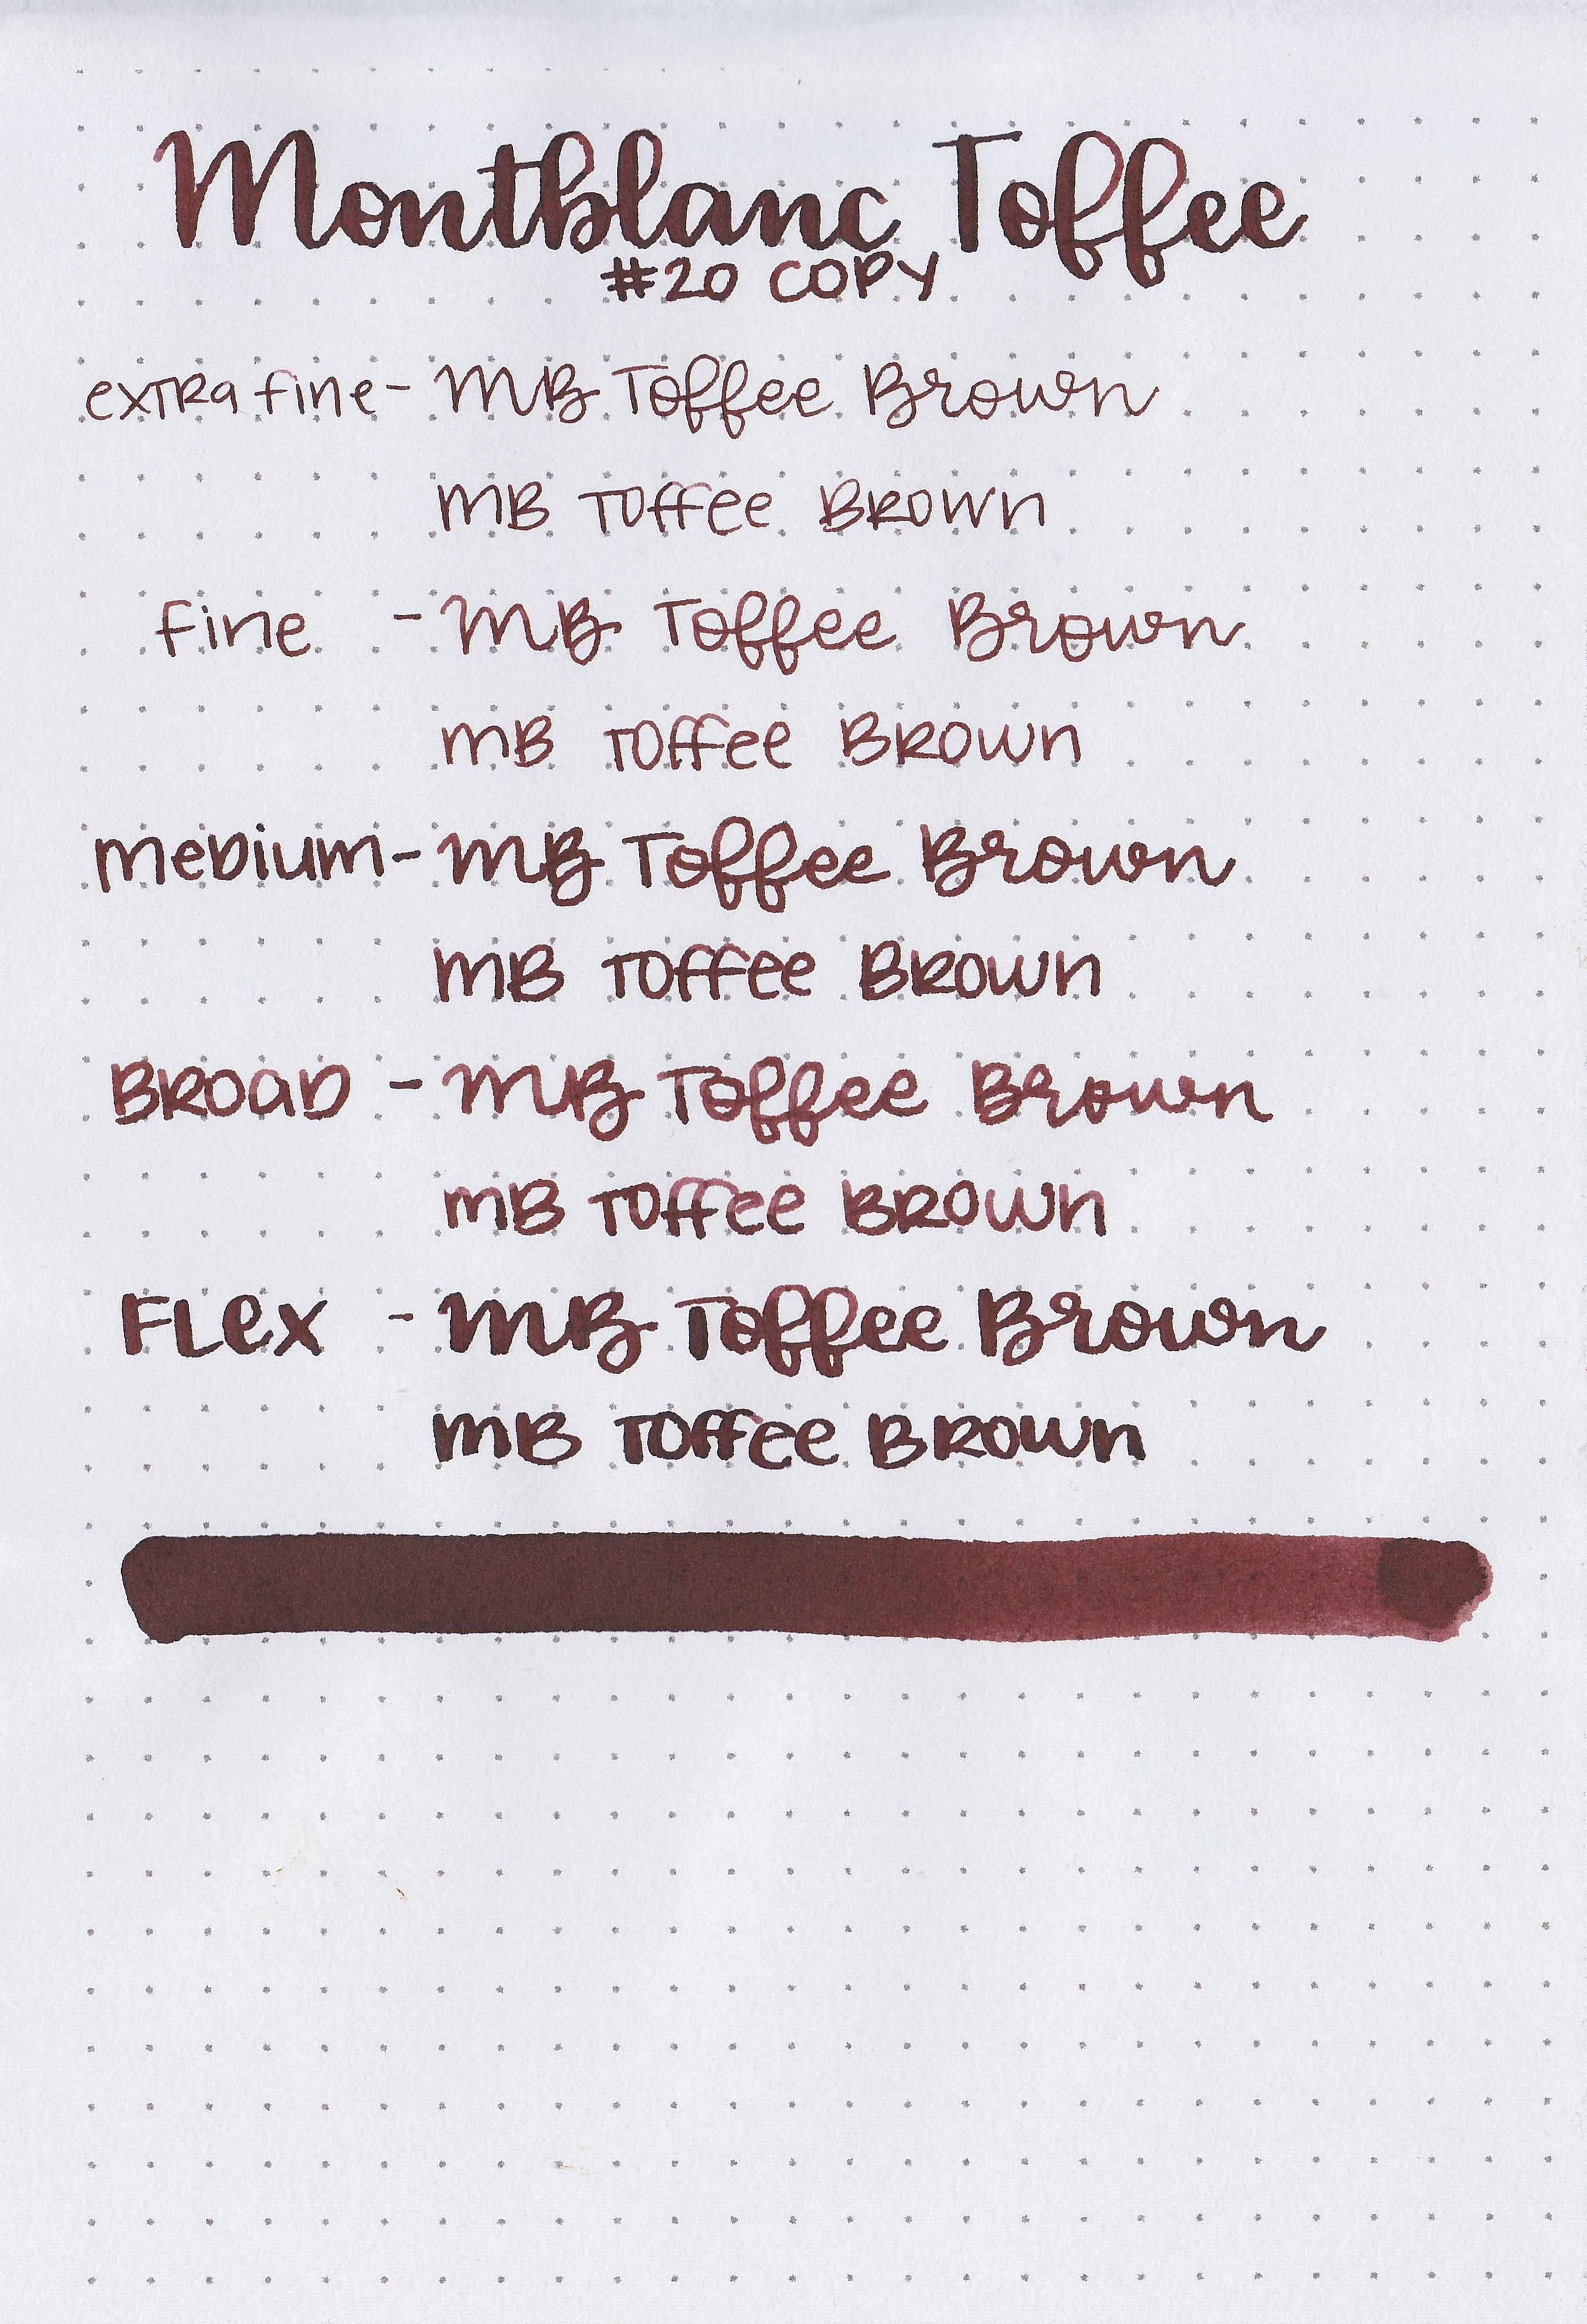 mb-toffee-brown-12.jpg